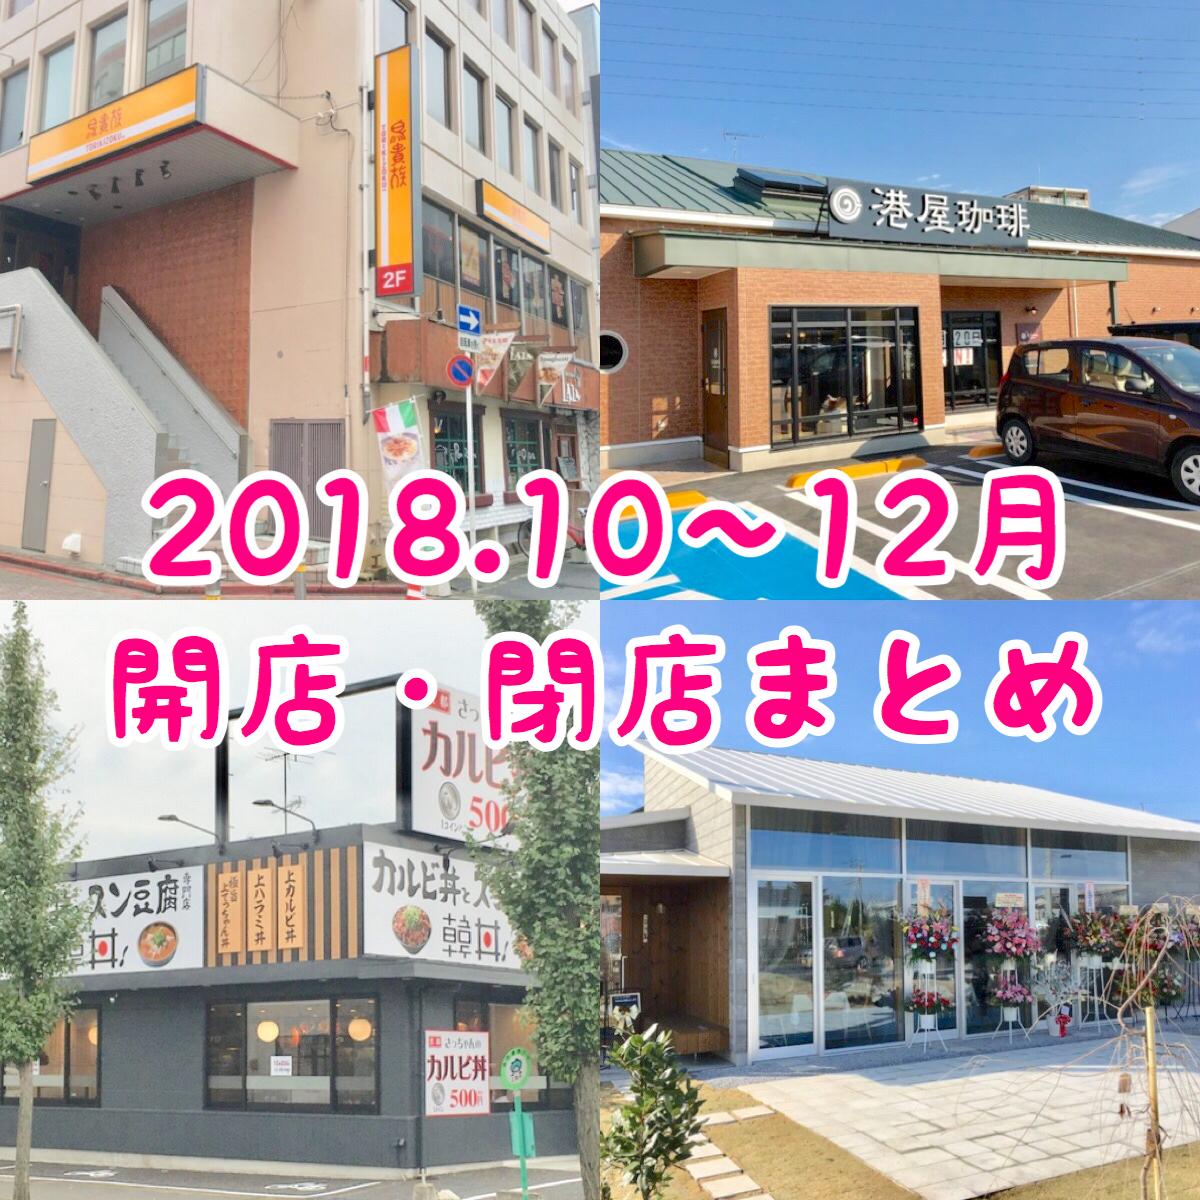 上尾市|2018年10・11月・12月開店(ニューオープン)&閉店のお店まとめ!